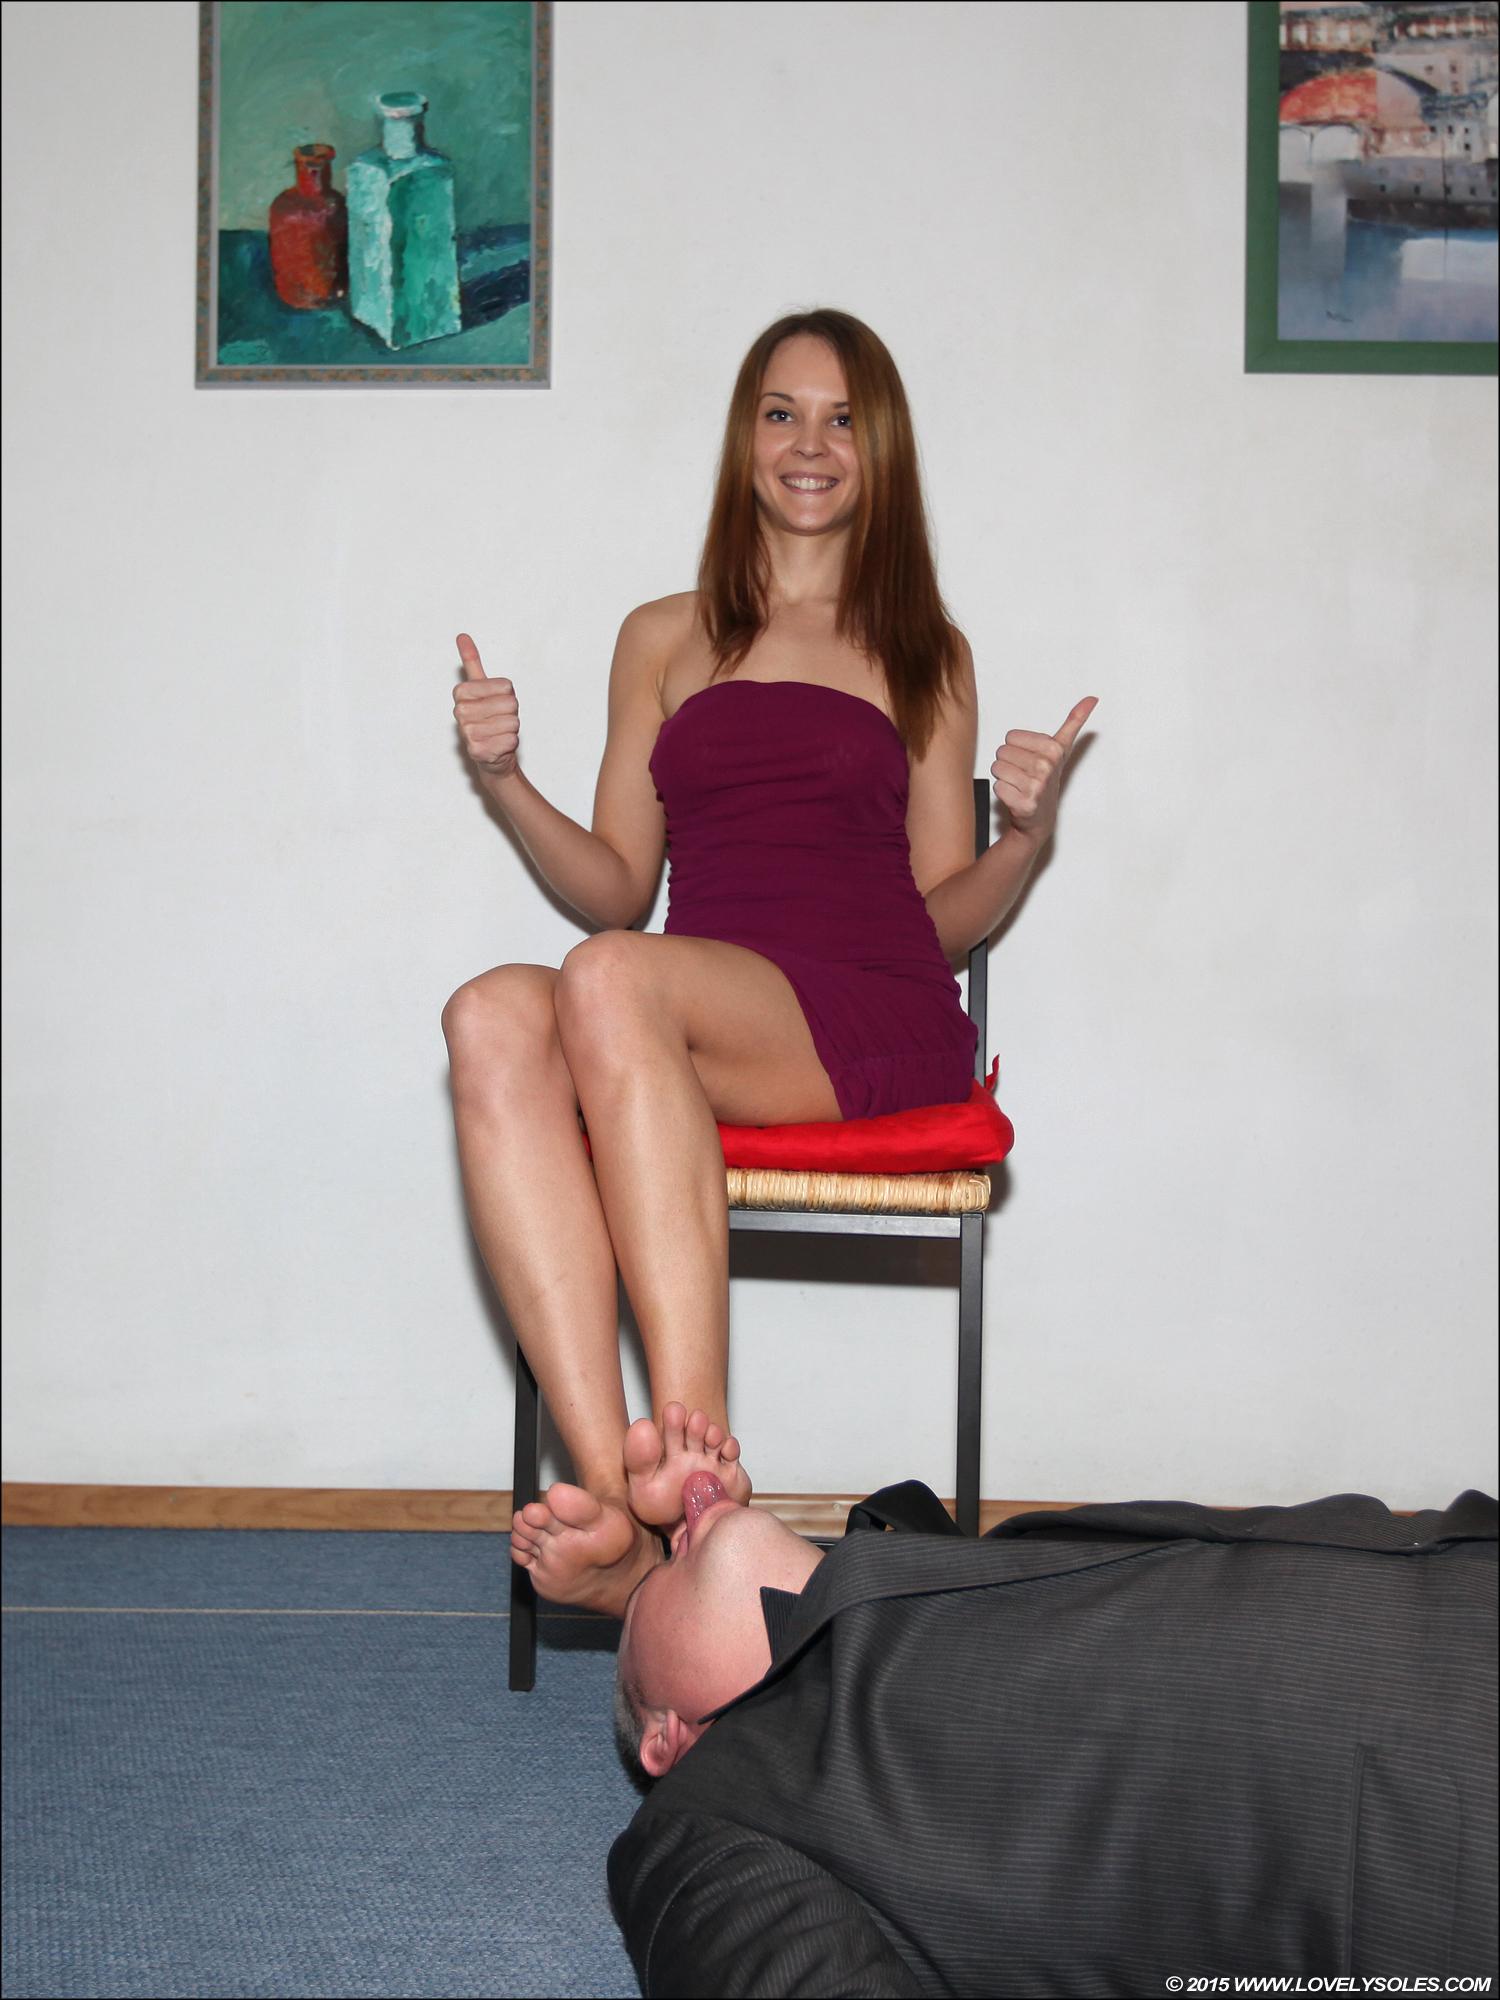 Shoe fetish foot fetish babe in lingerie sucks and fucks 8